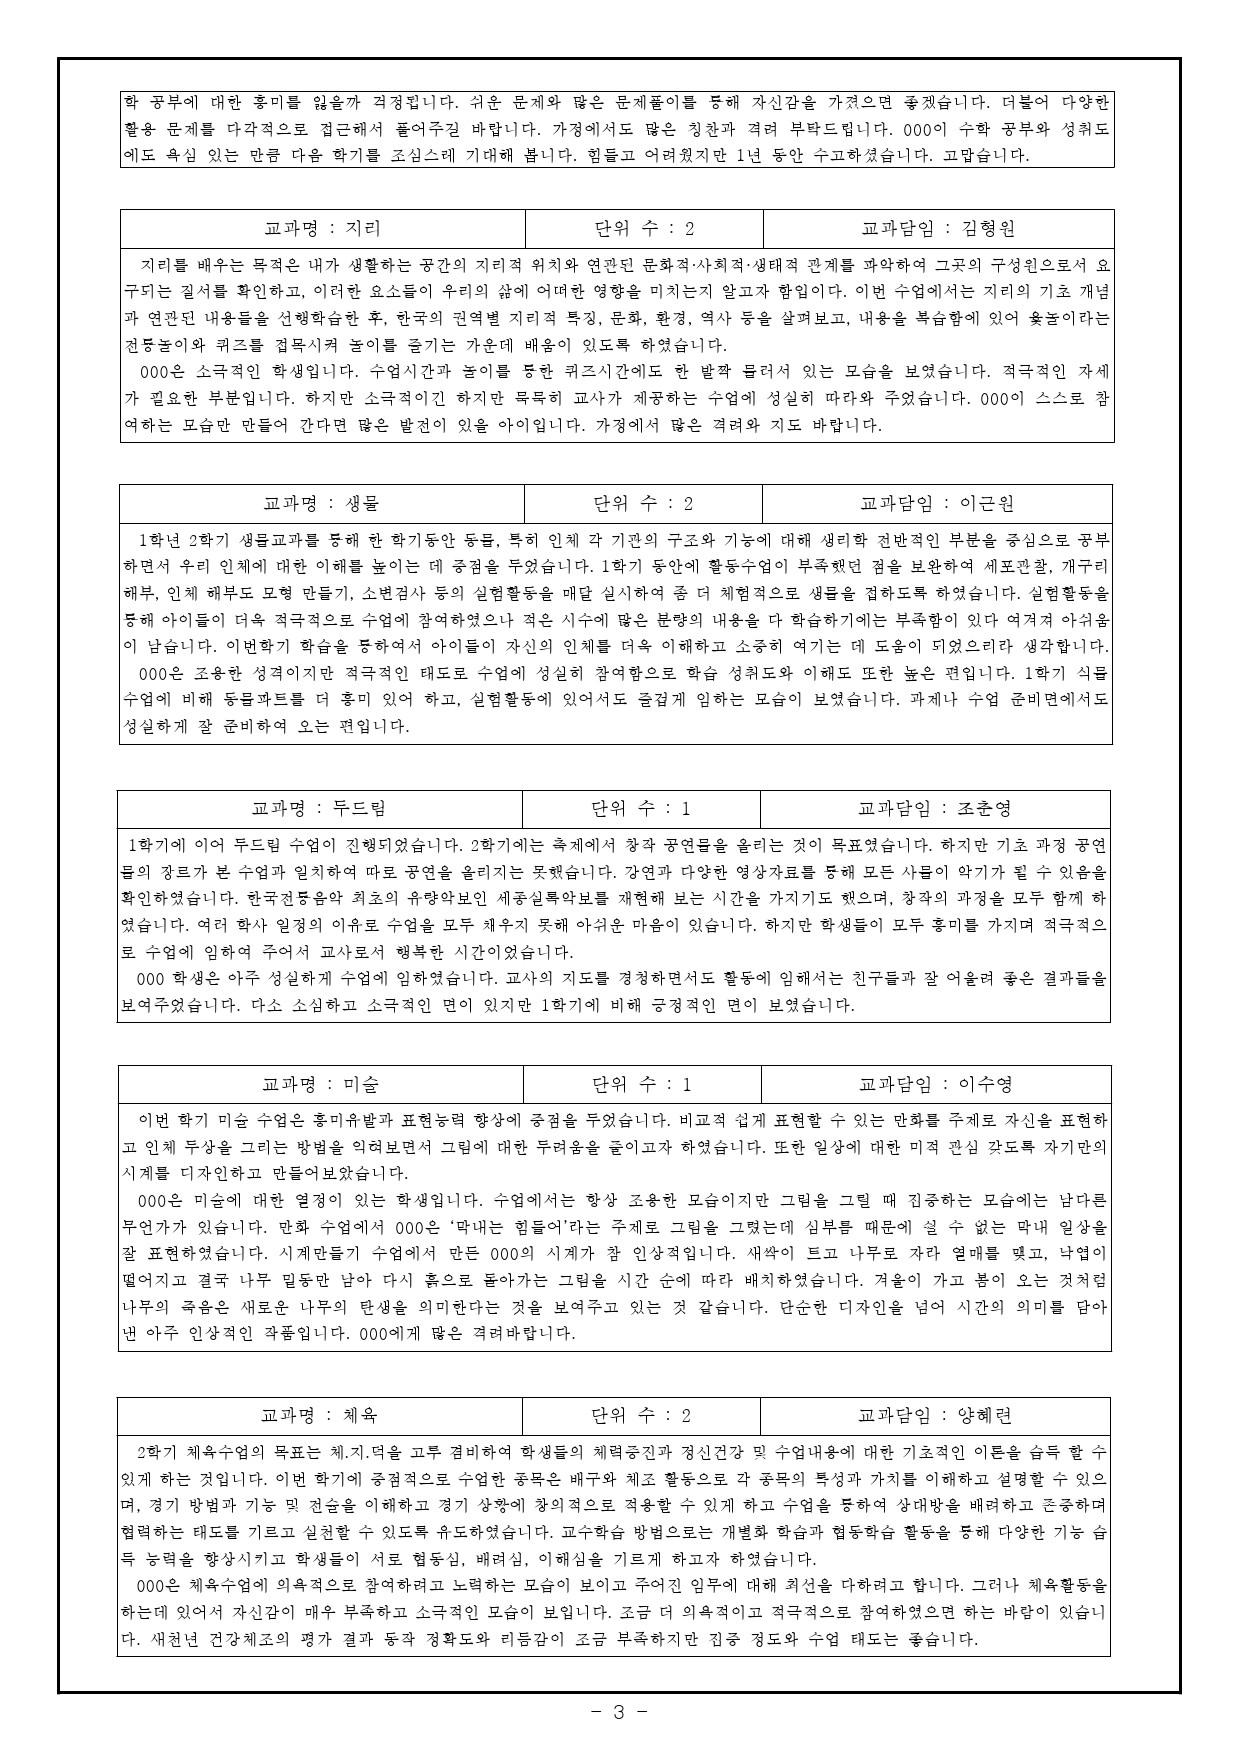 지혜학교 평가서_0-3.jpg